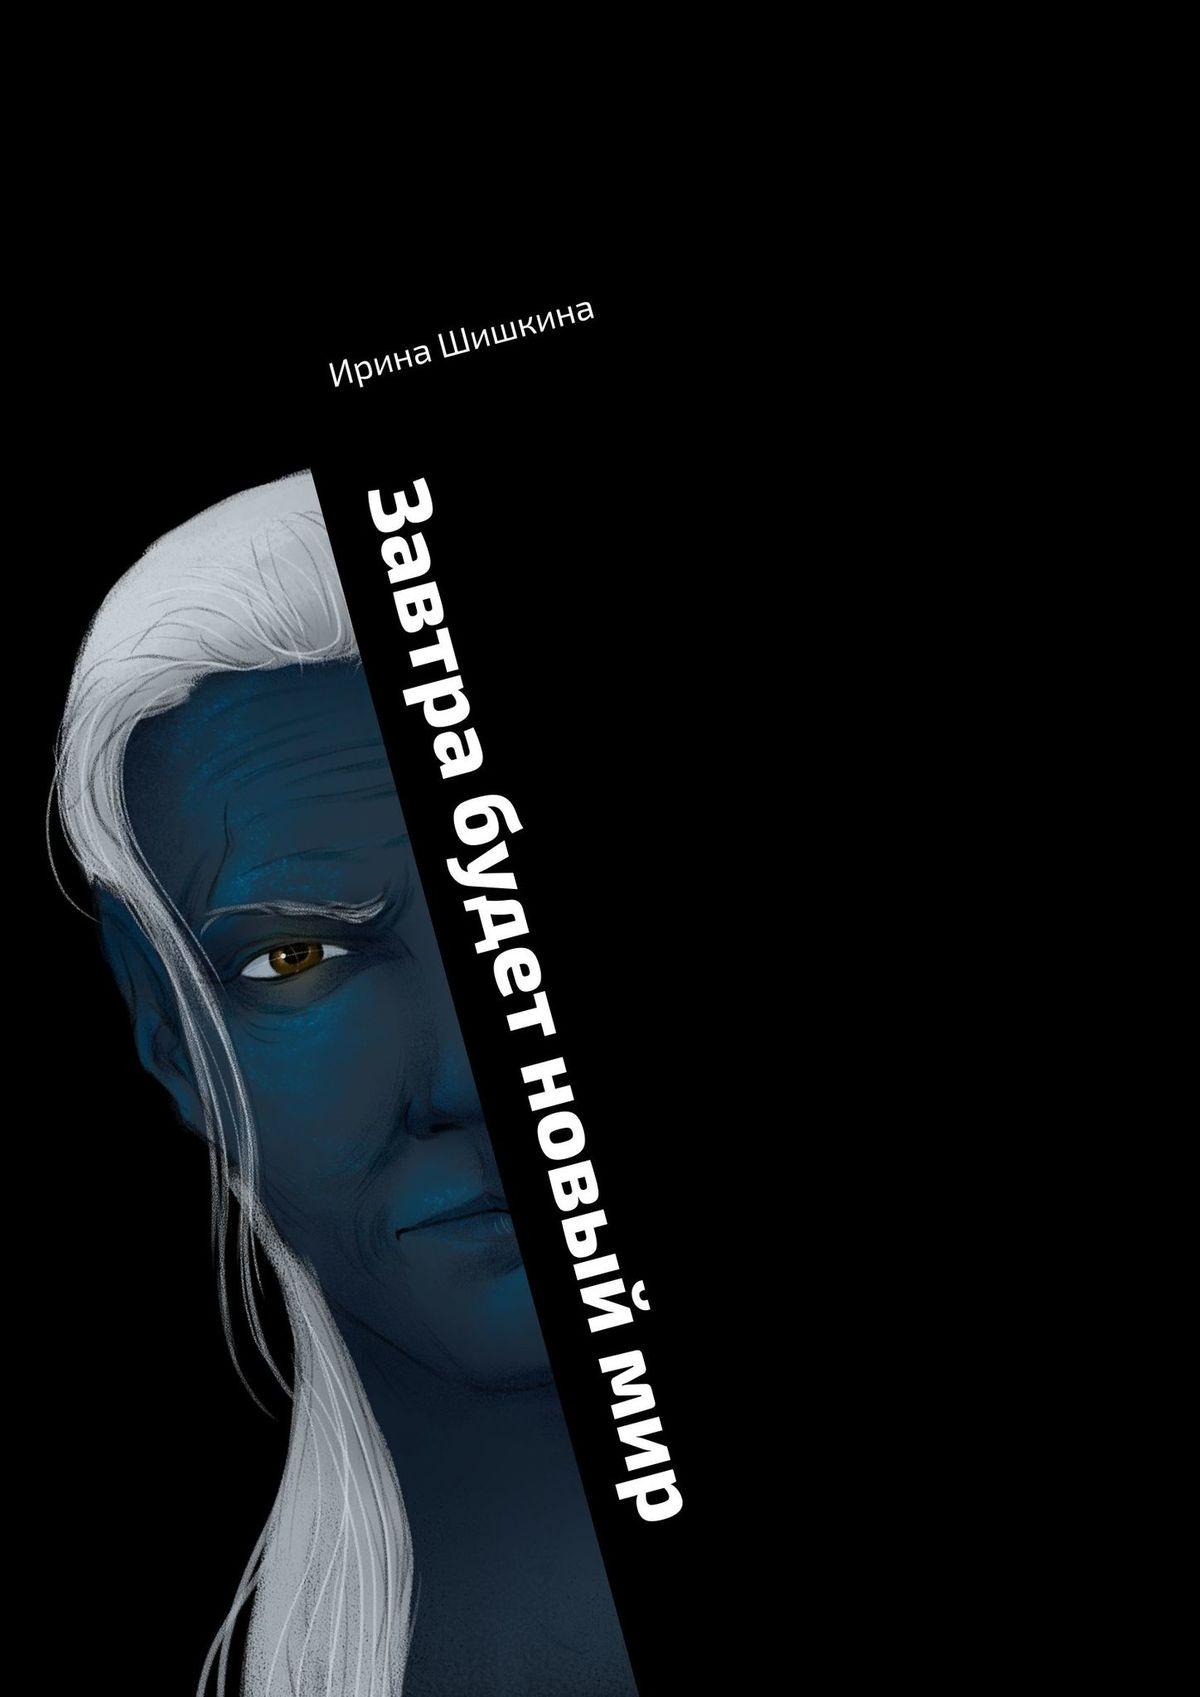 Ирина Шишкина Завтра будет новыймир. Книга 1. Черный хаксли о о дивный новый мир слепец в газе